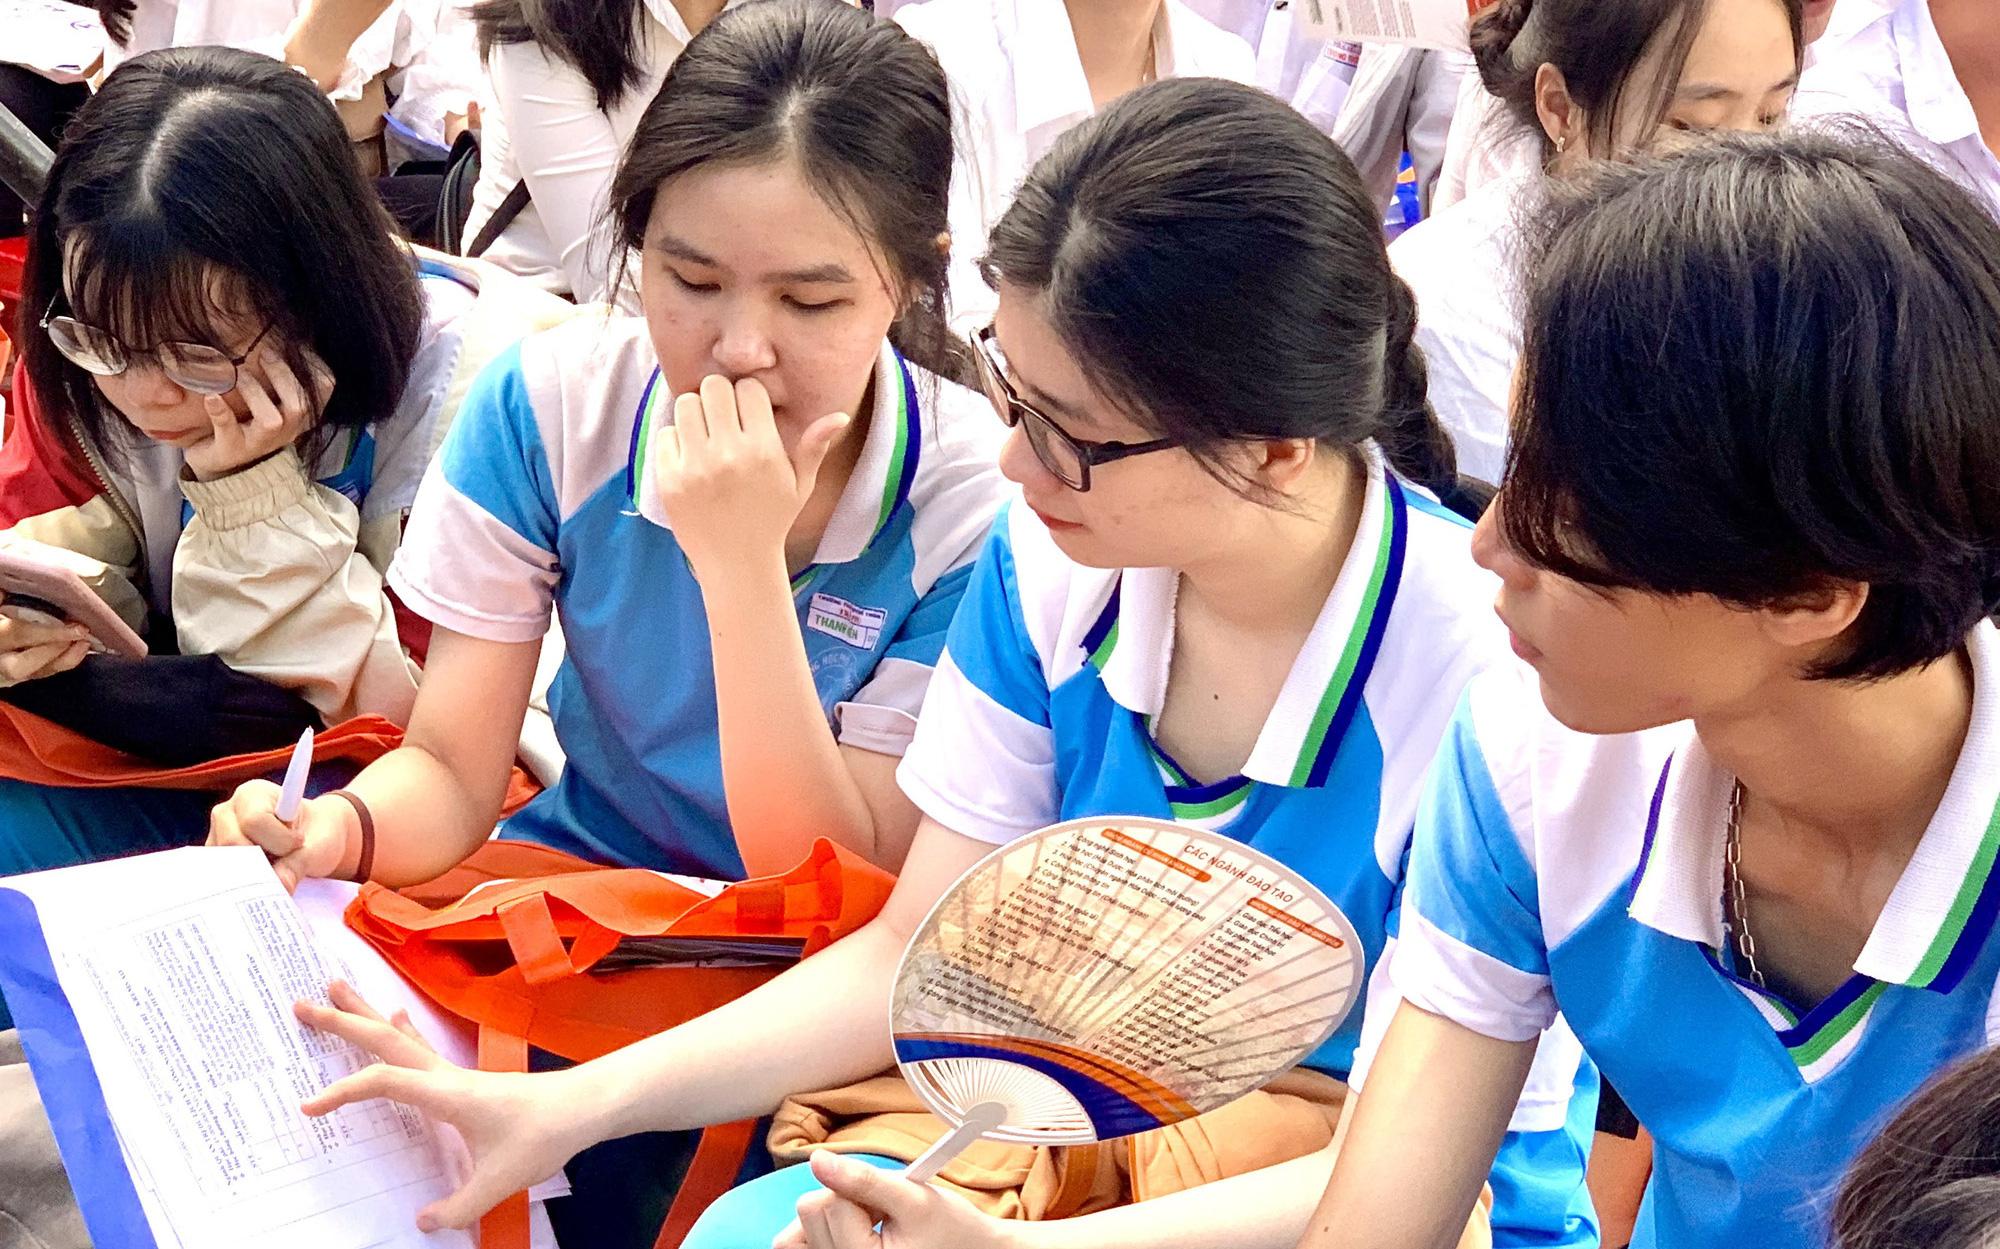 'Căng mình' chuẩn bị phương án thi tốt nghiệp THPT trong dịch COVID-19